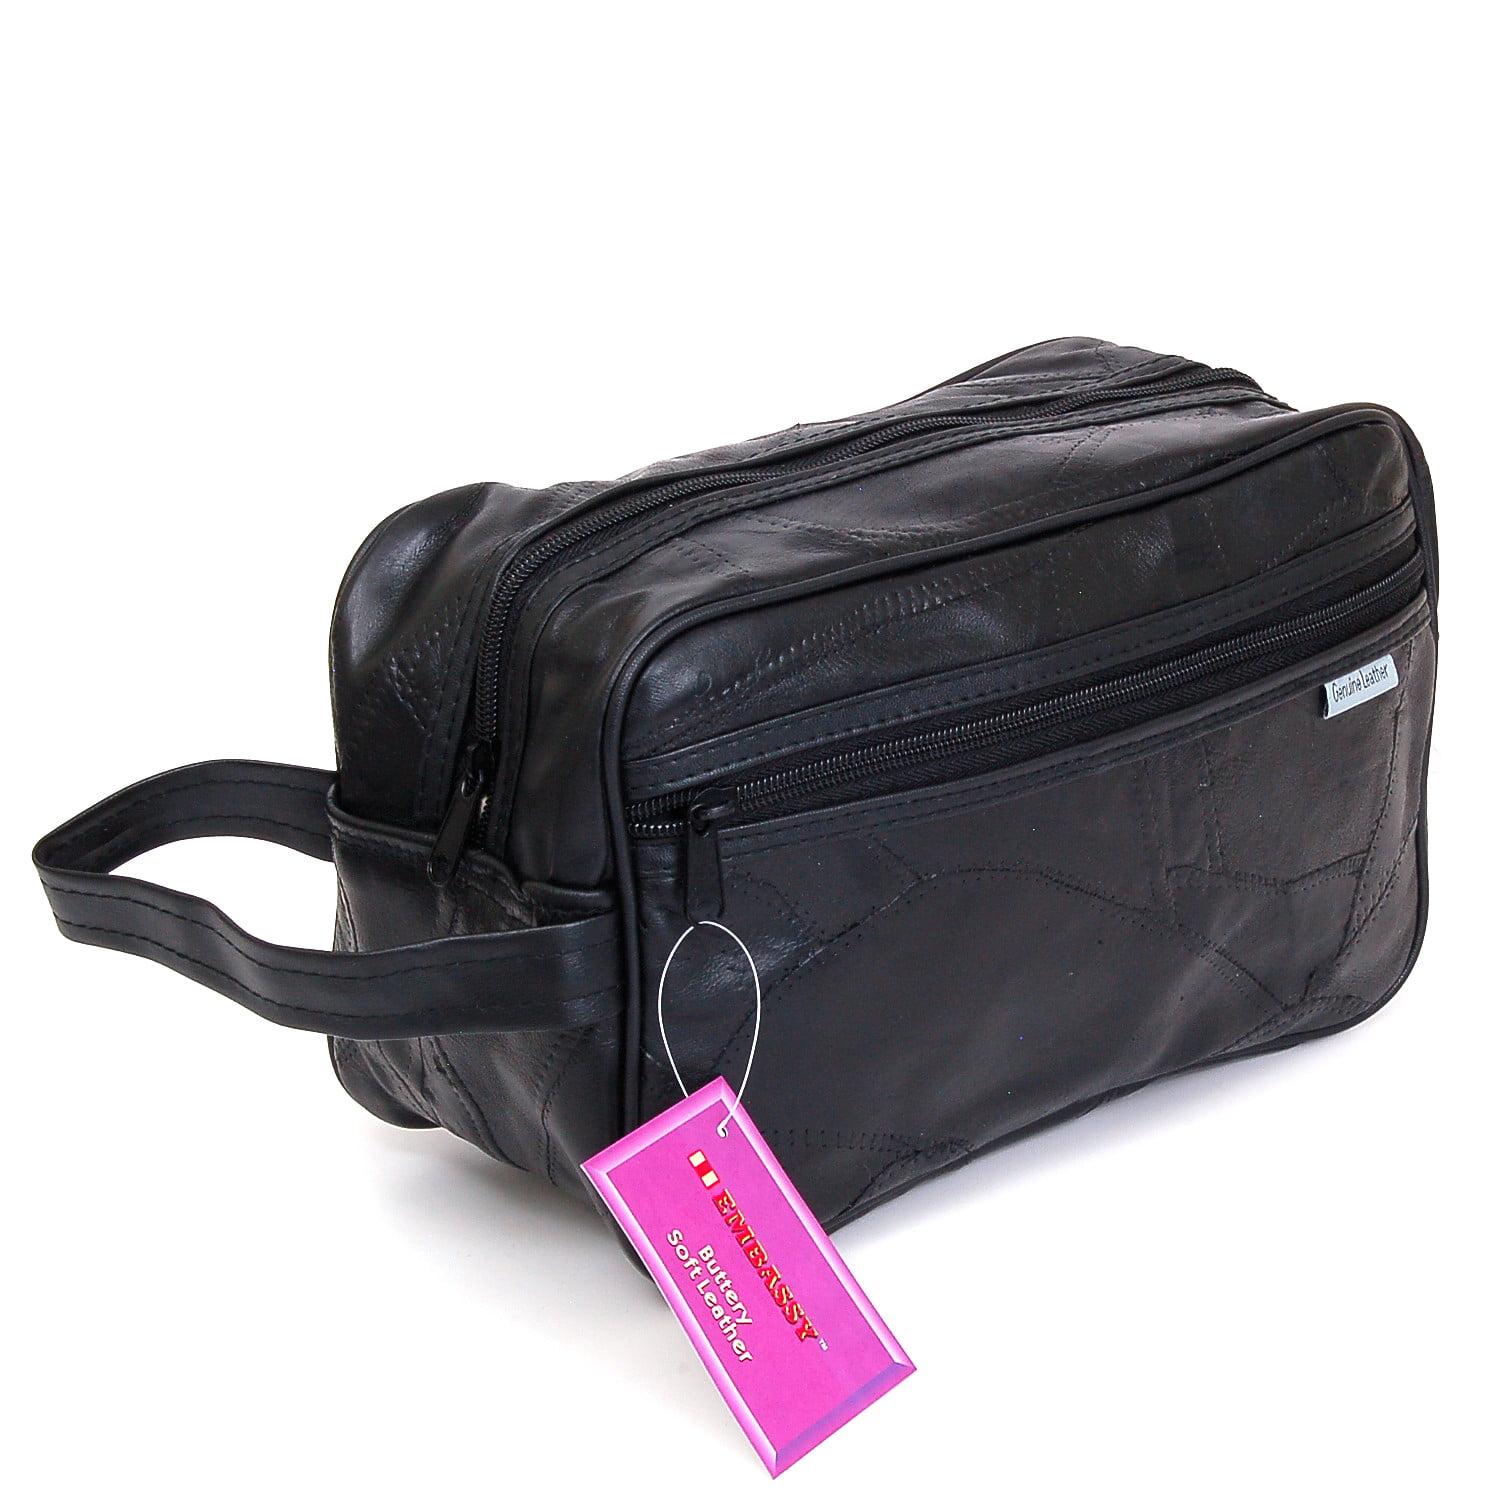 cd0800e7f62b Travel Toiletries Bags